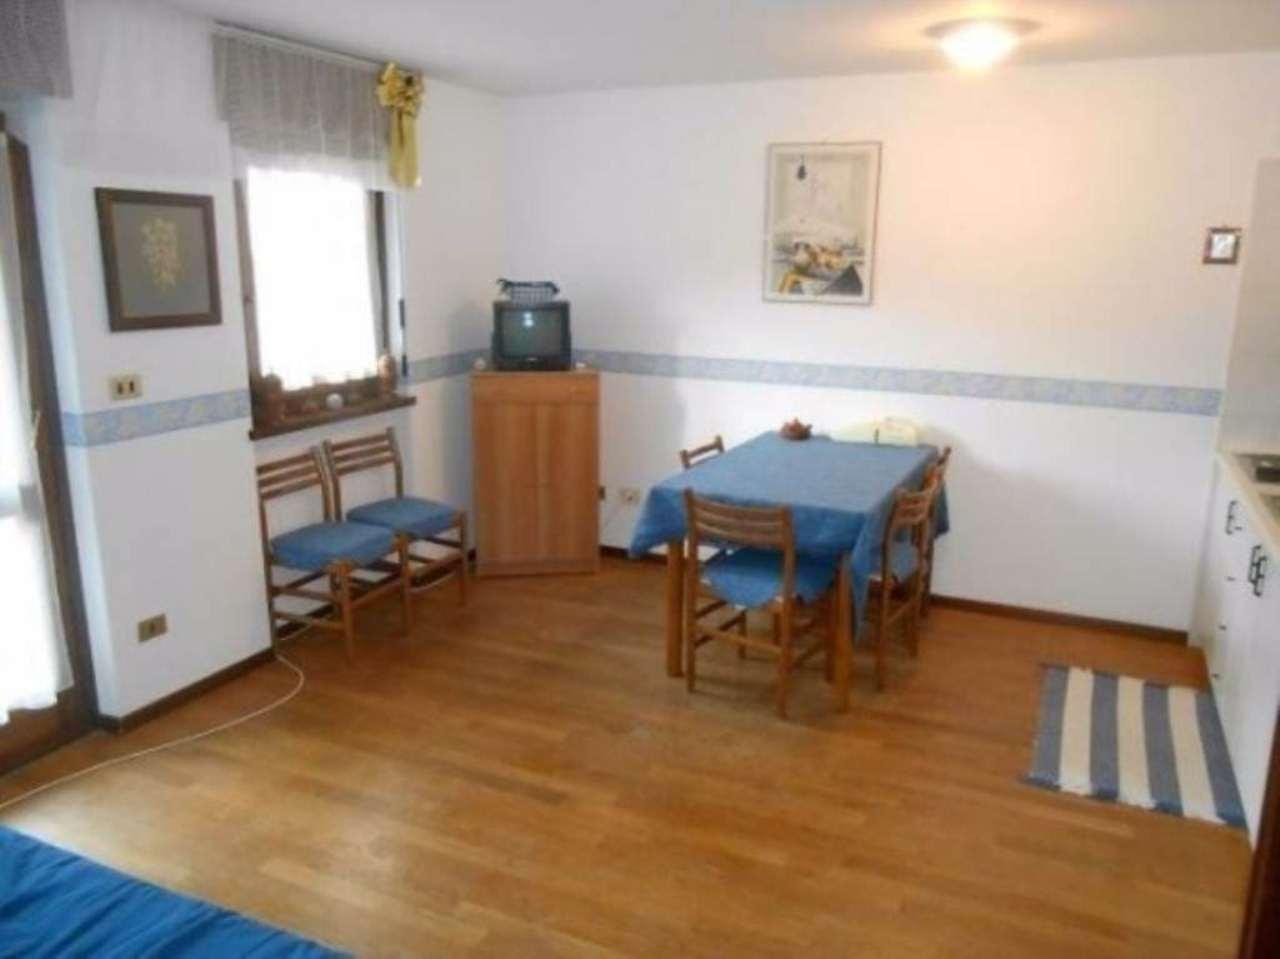 Appartamento in vendita a Gressan, 2 locali, prezzo € 130.000 | Cambio Casa.it